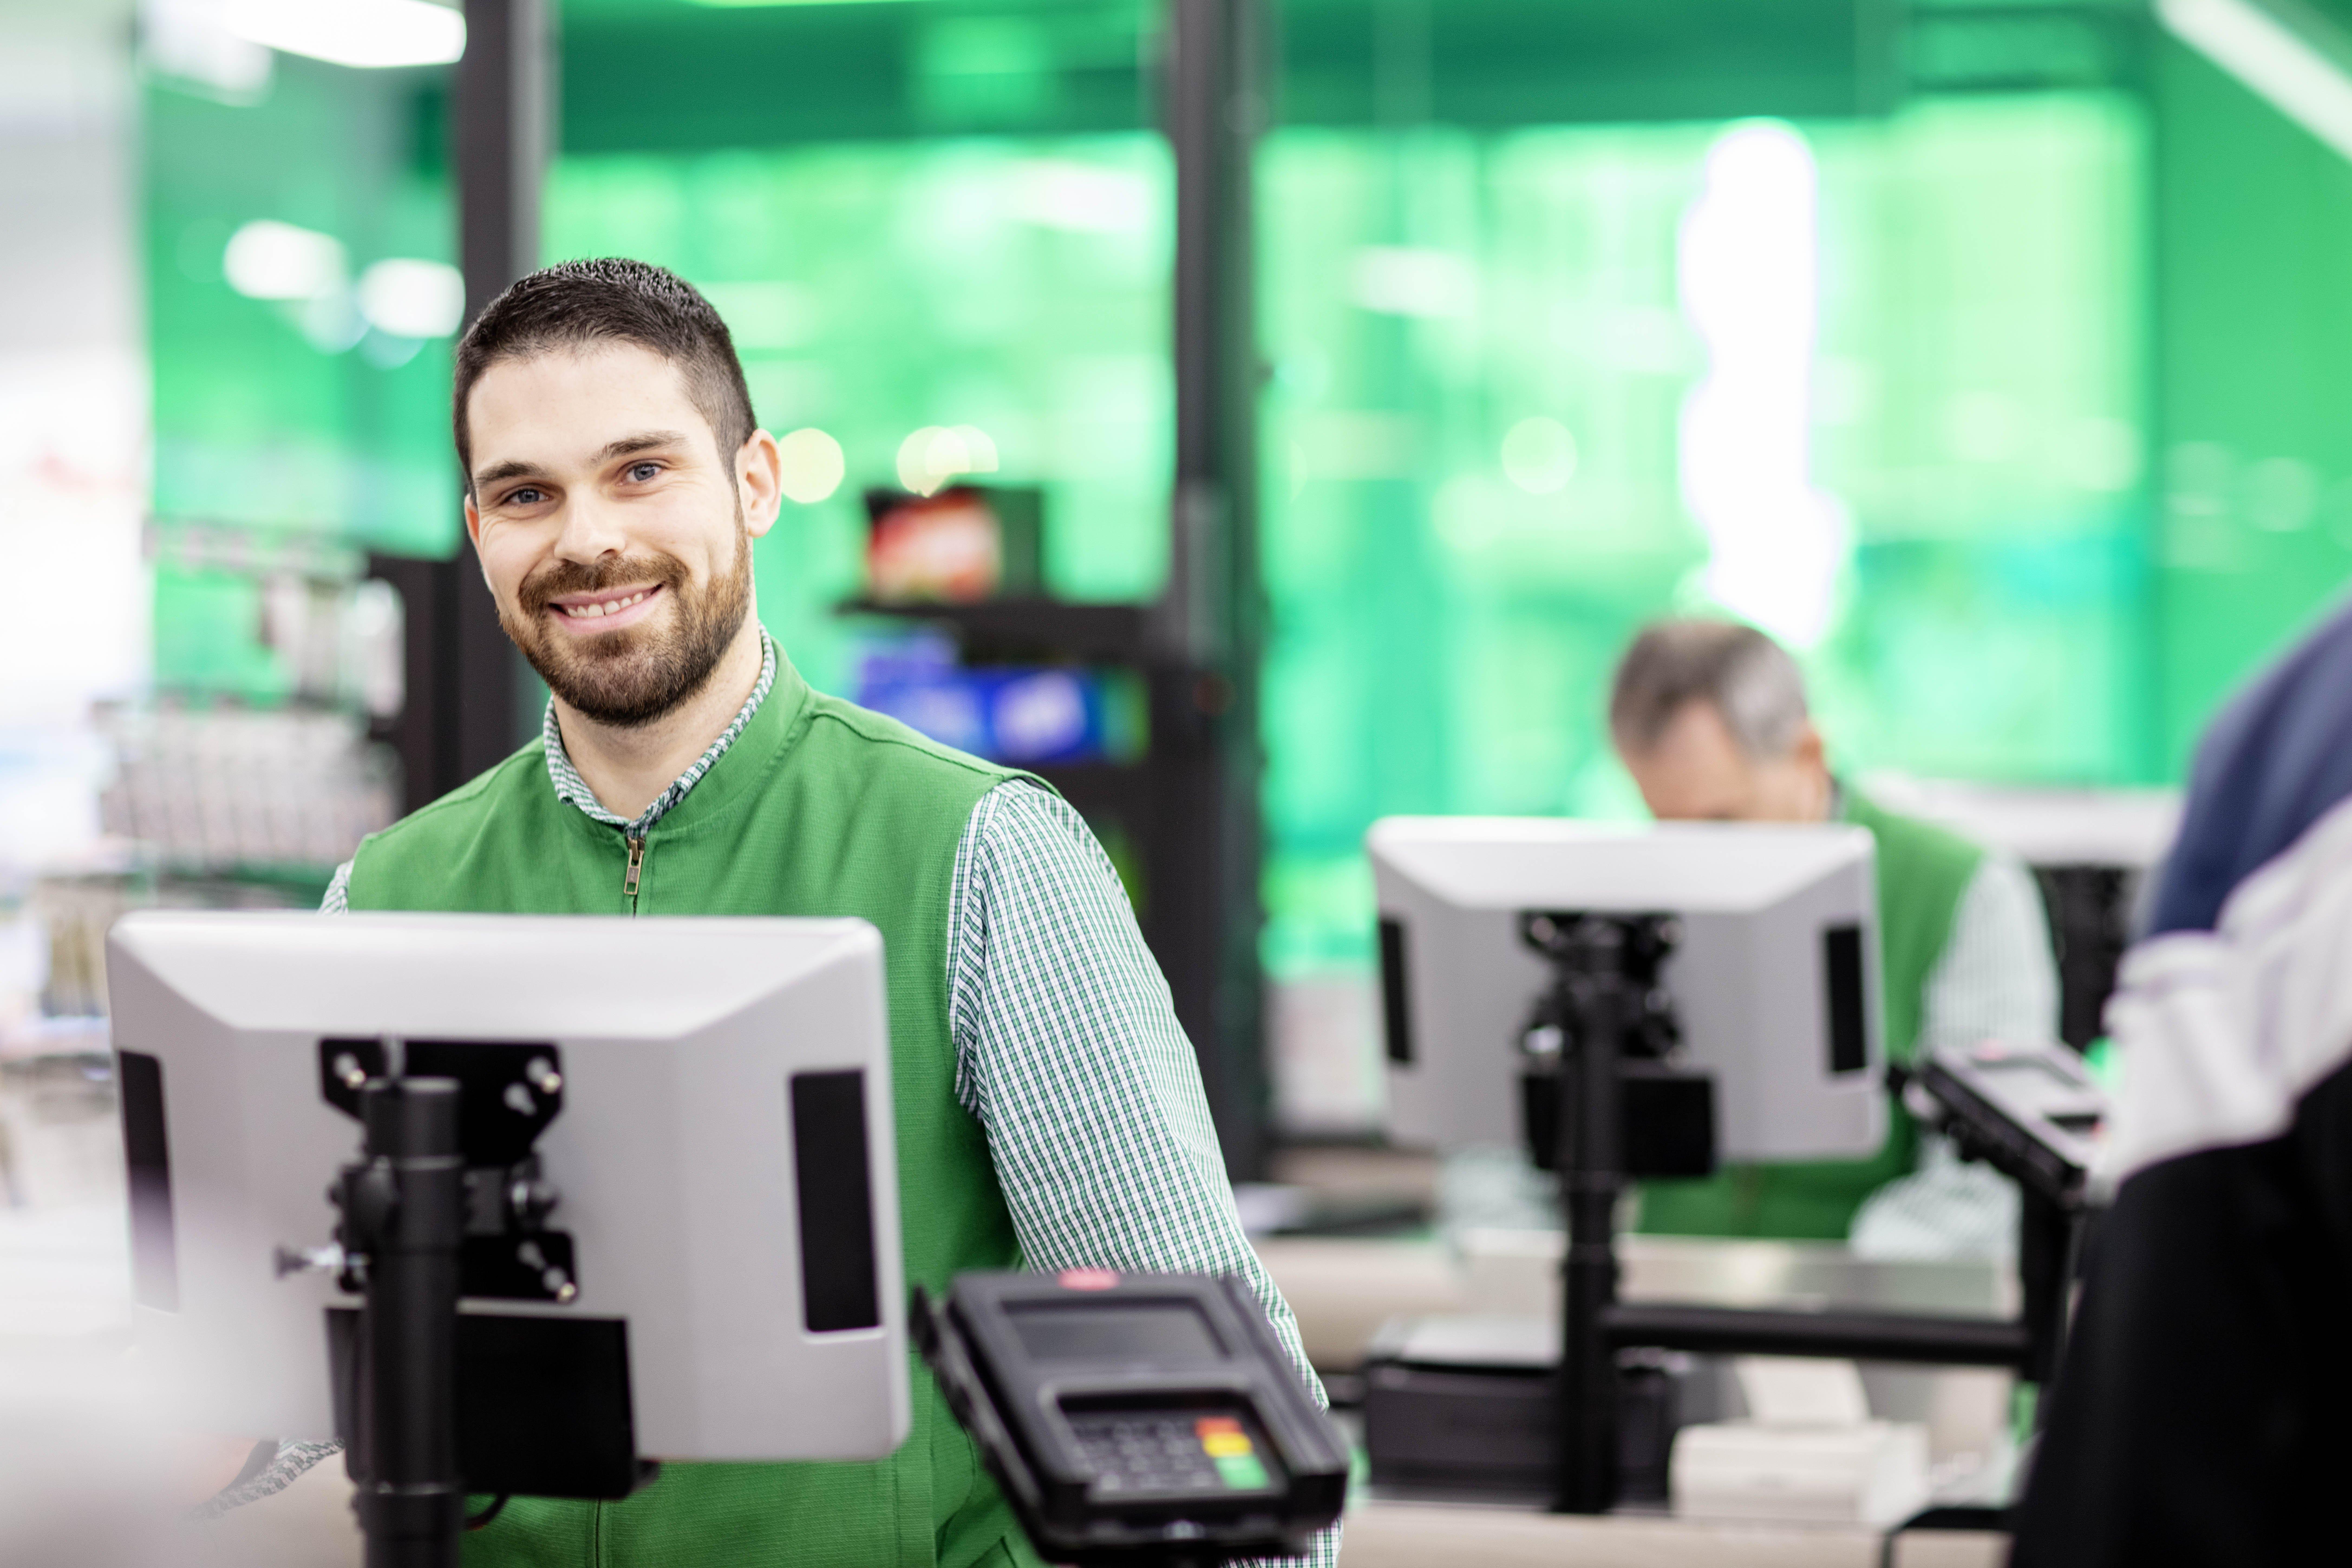 Mercadona tiene como objetivo disponer de una plantilla comprometida con la excelencia en el servicio